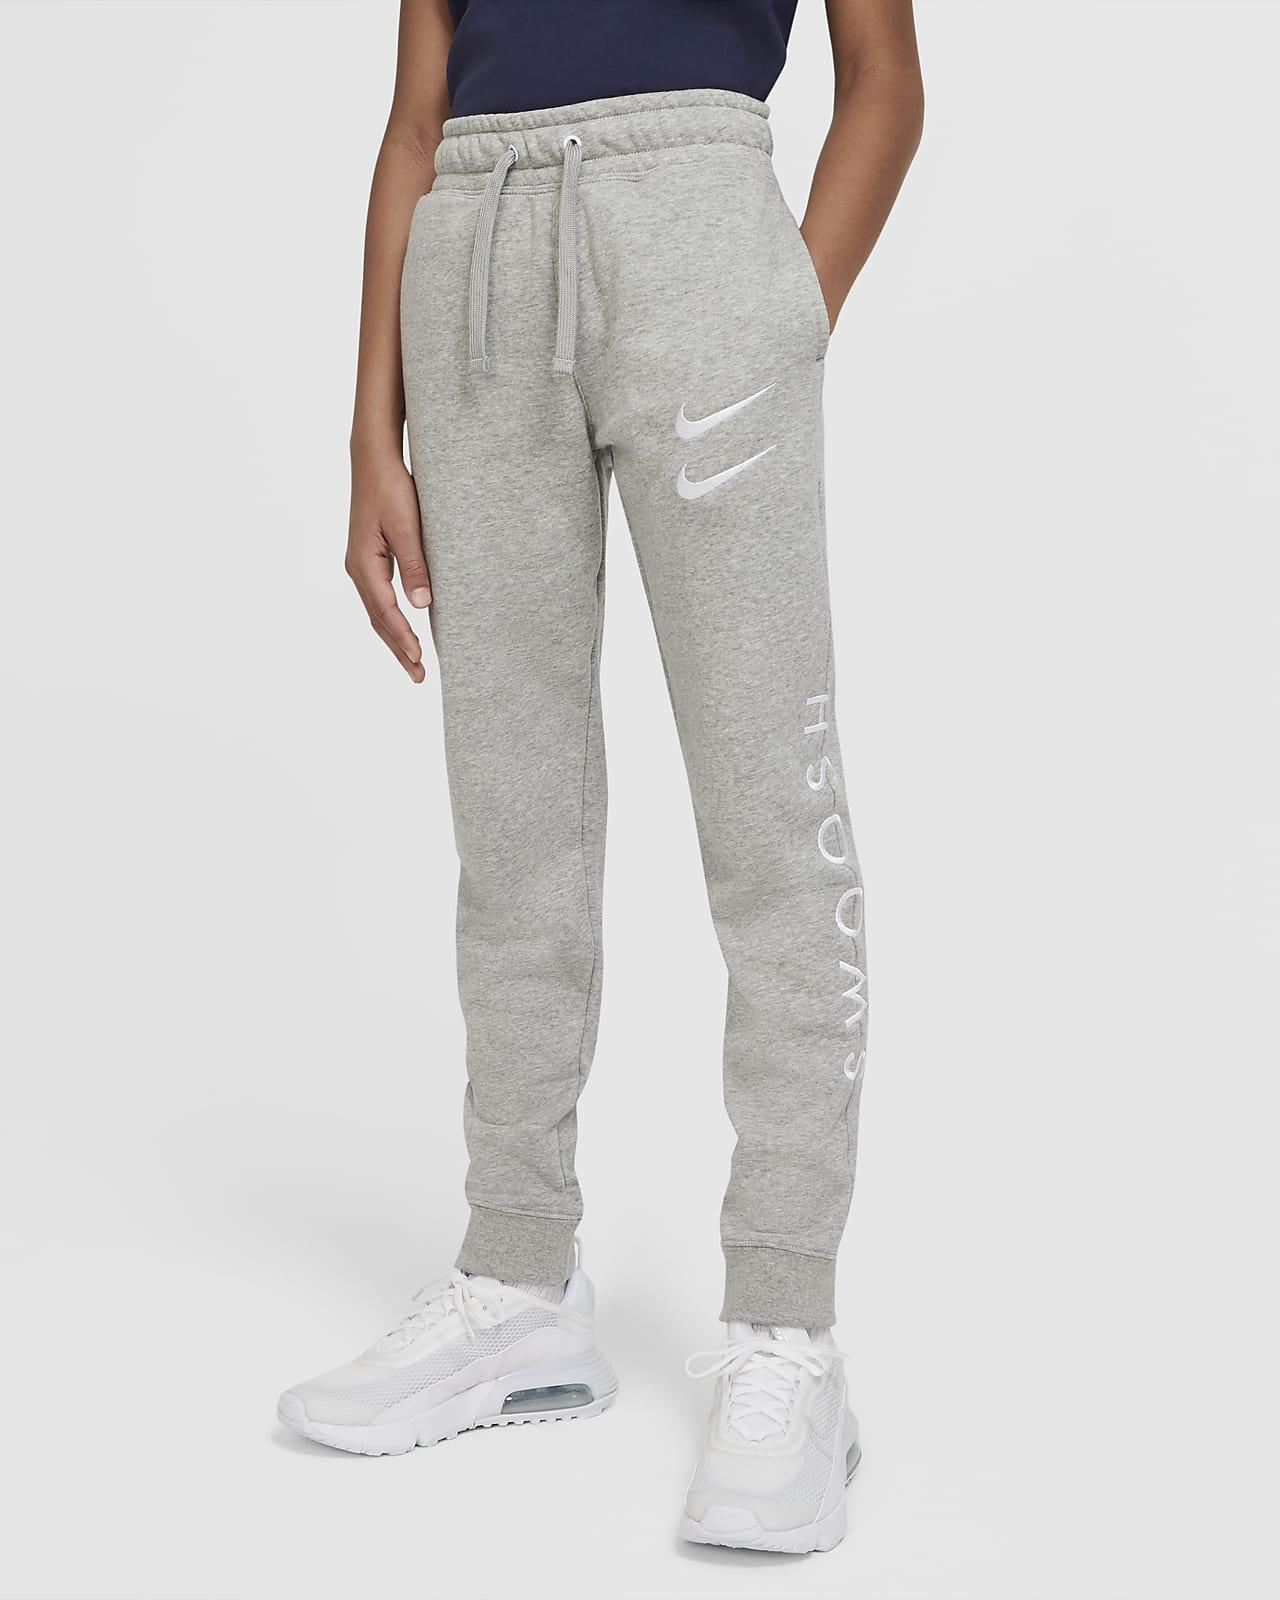 Pantaloni Nike Sportswear Swoosh - Ragazzo